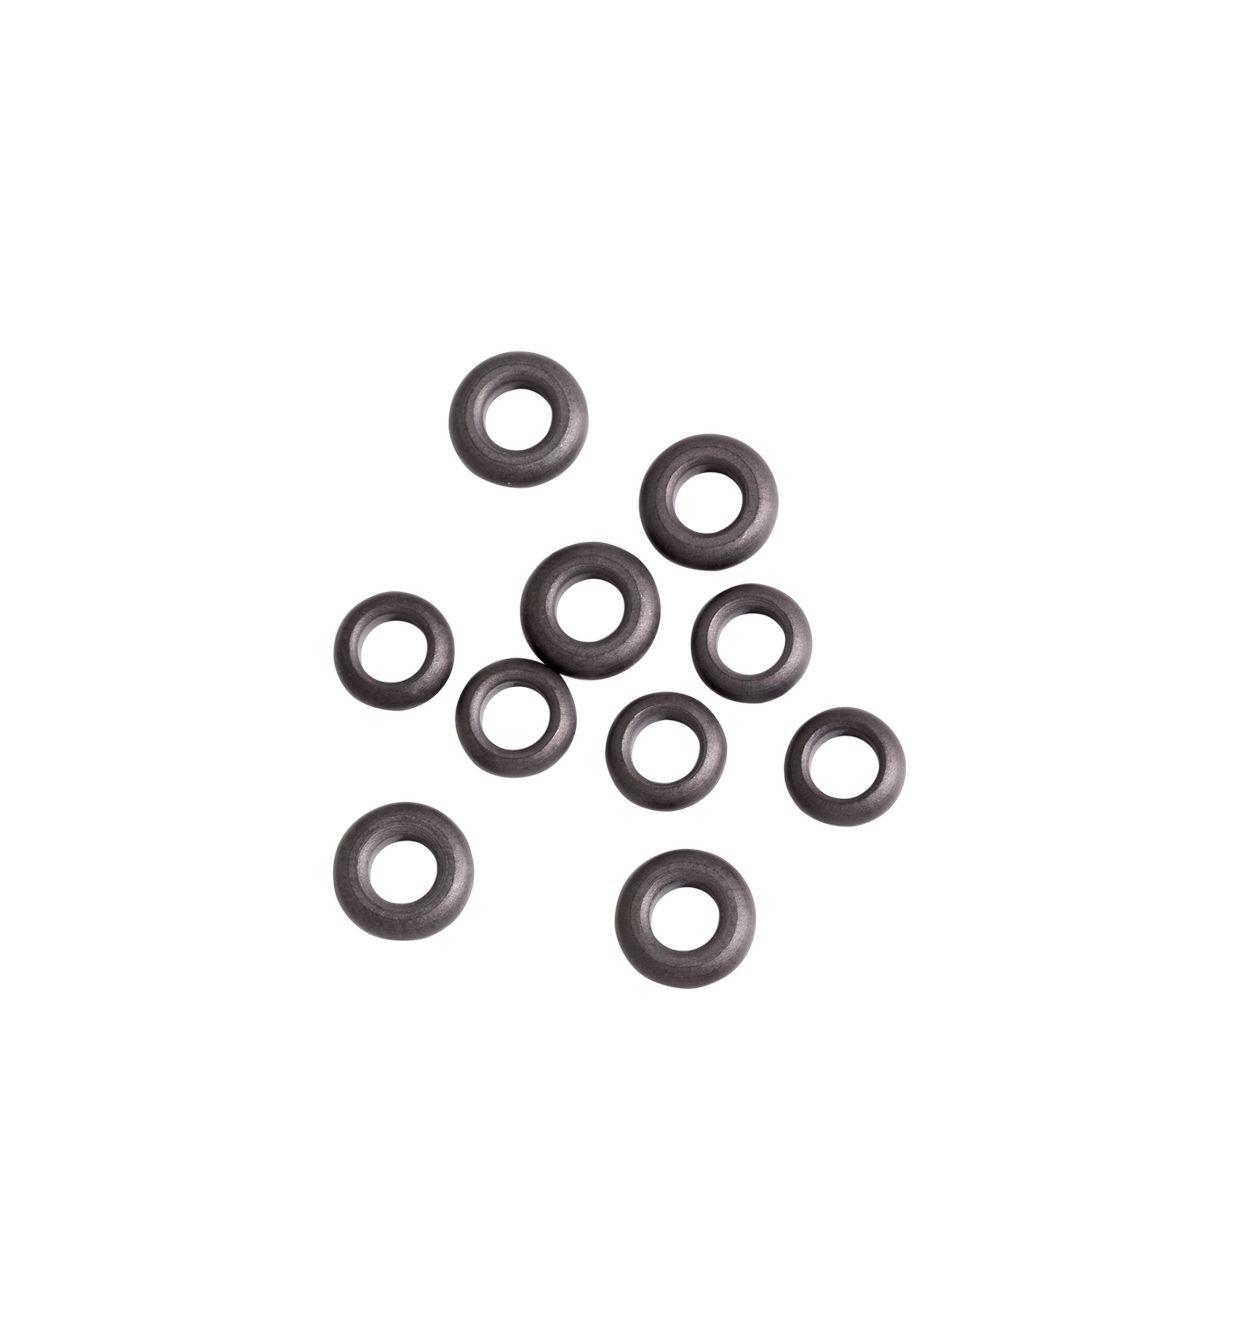 Komponente Ringe Titan - Dodo - DGTI/2/10